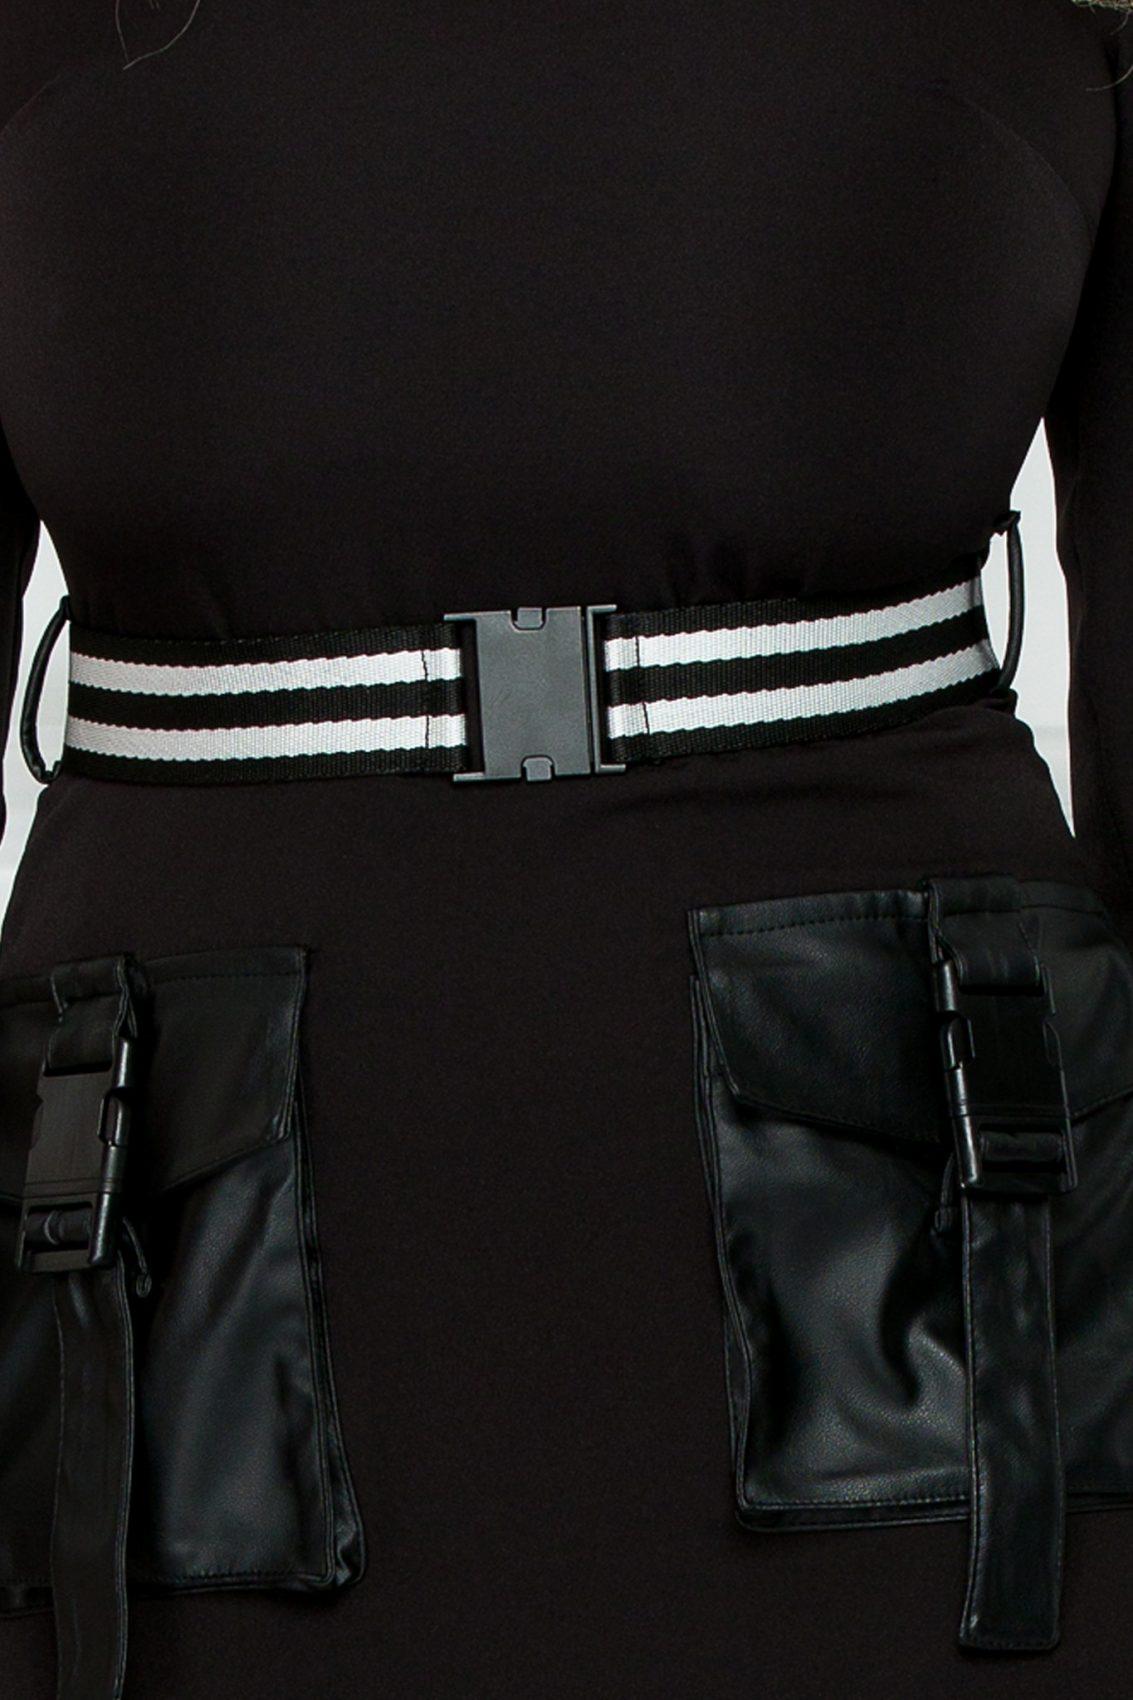 Μαύρο Φόρεμα Με Δερματίνη Keyra 9272 3